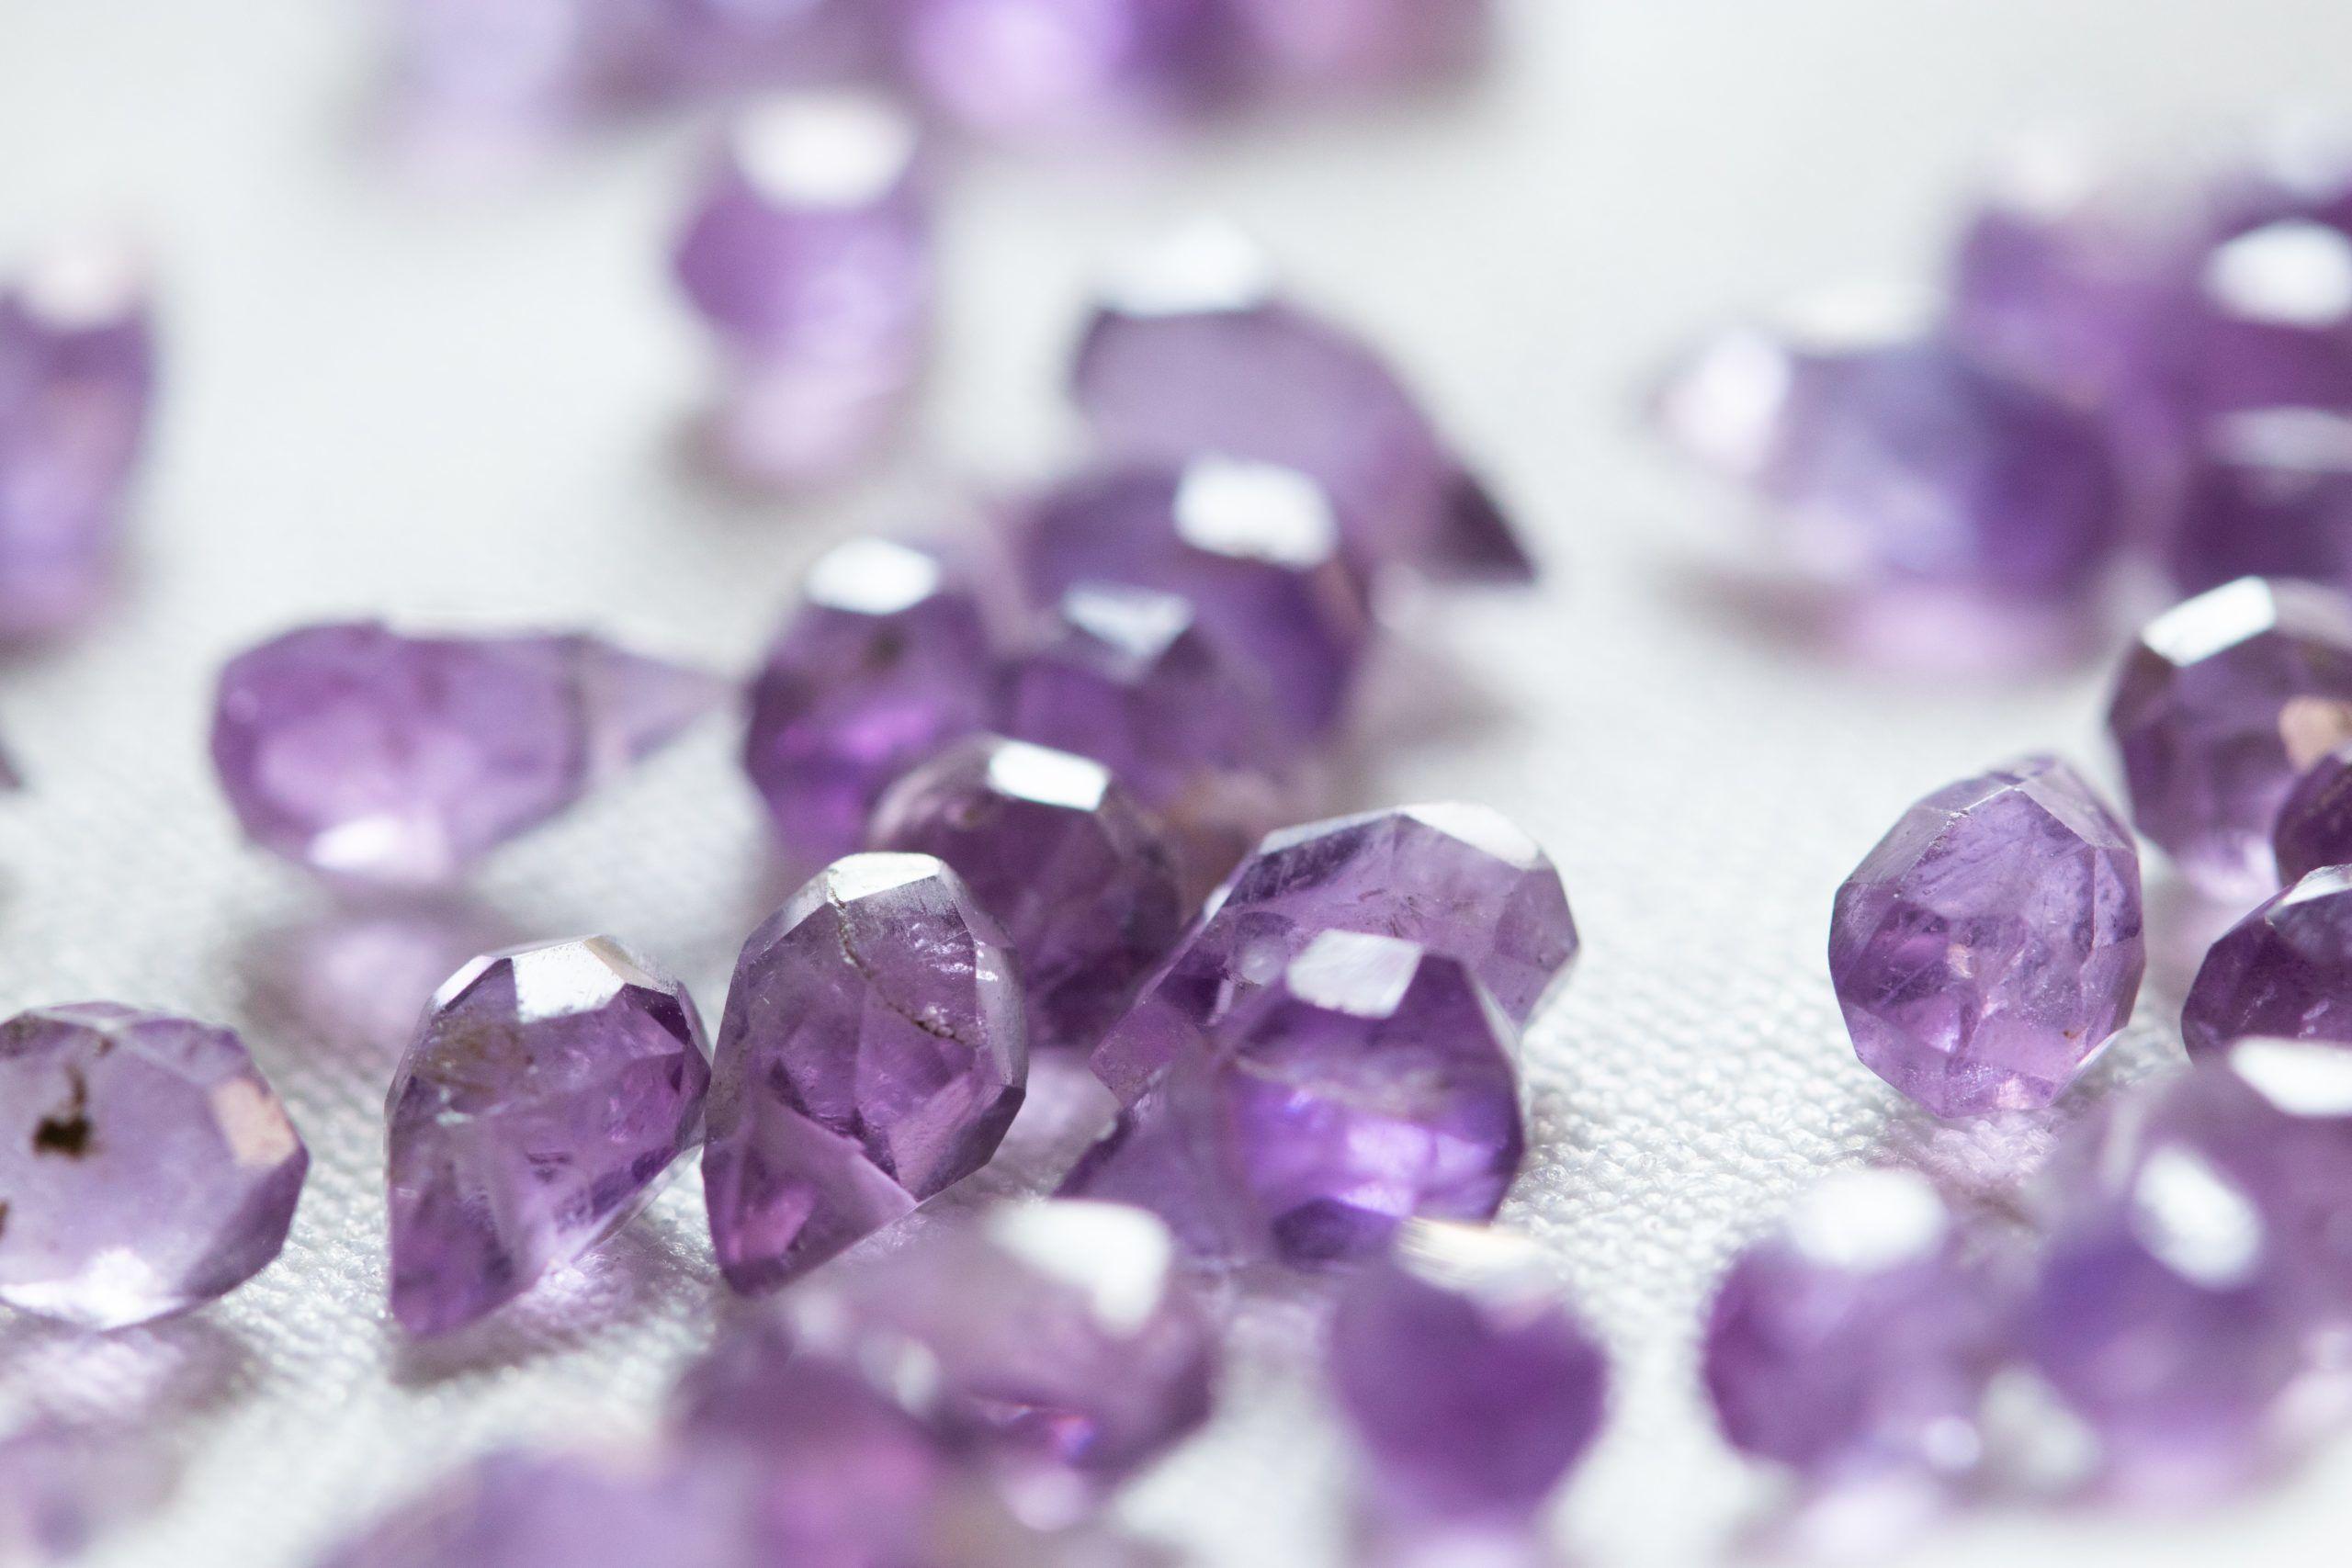 Ezek a kövek jók neked a csillagjegyed szerint